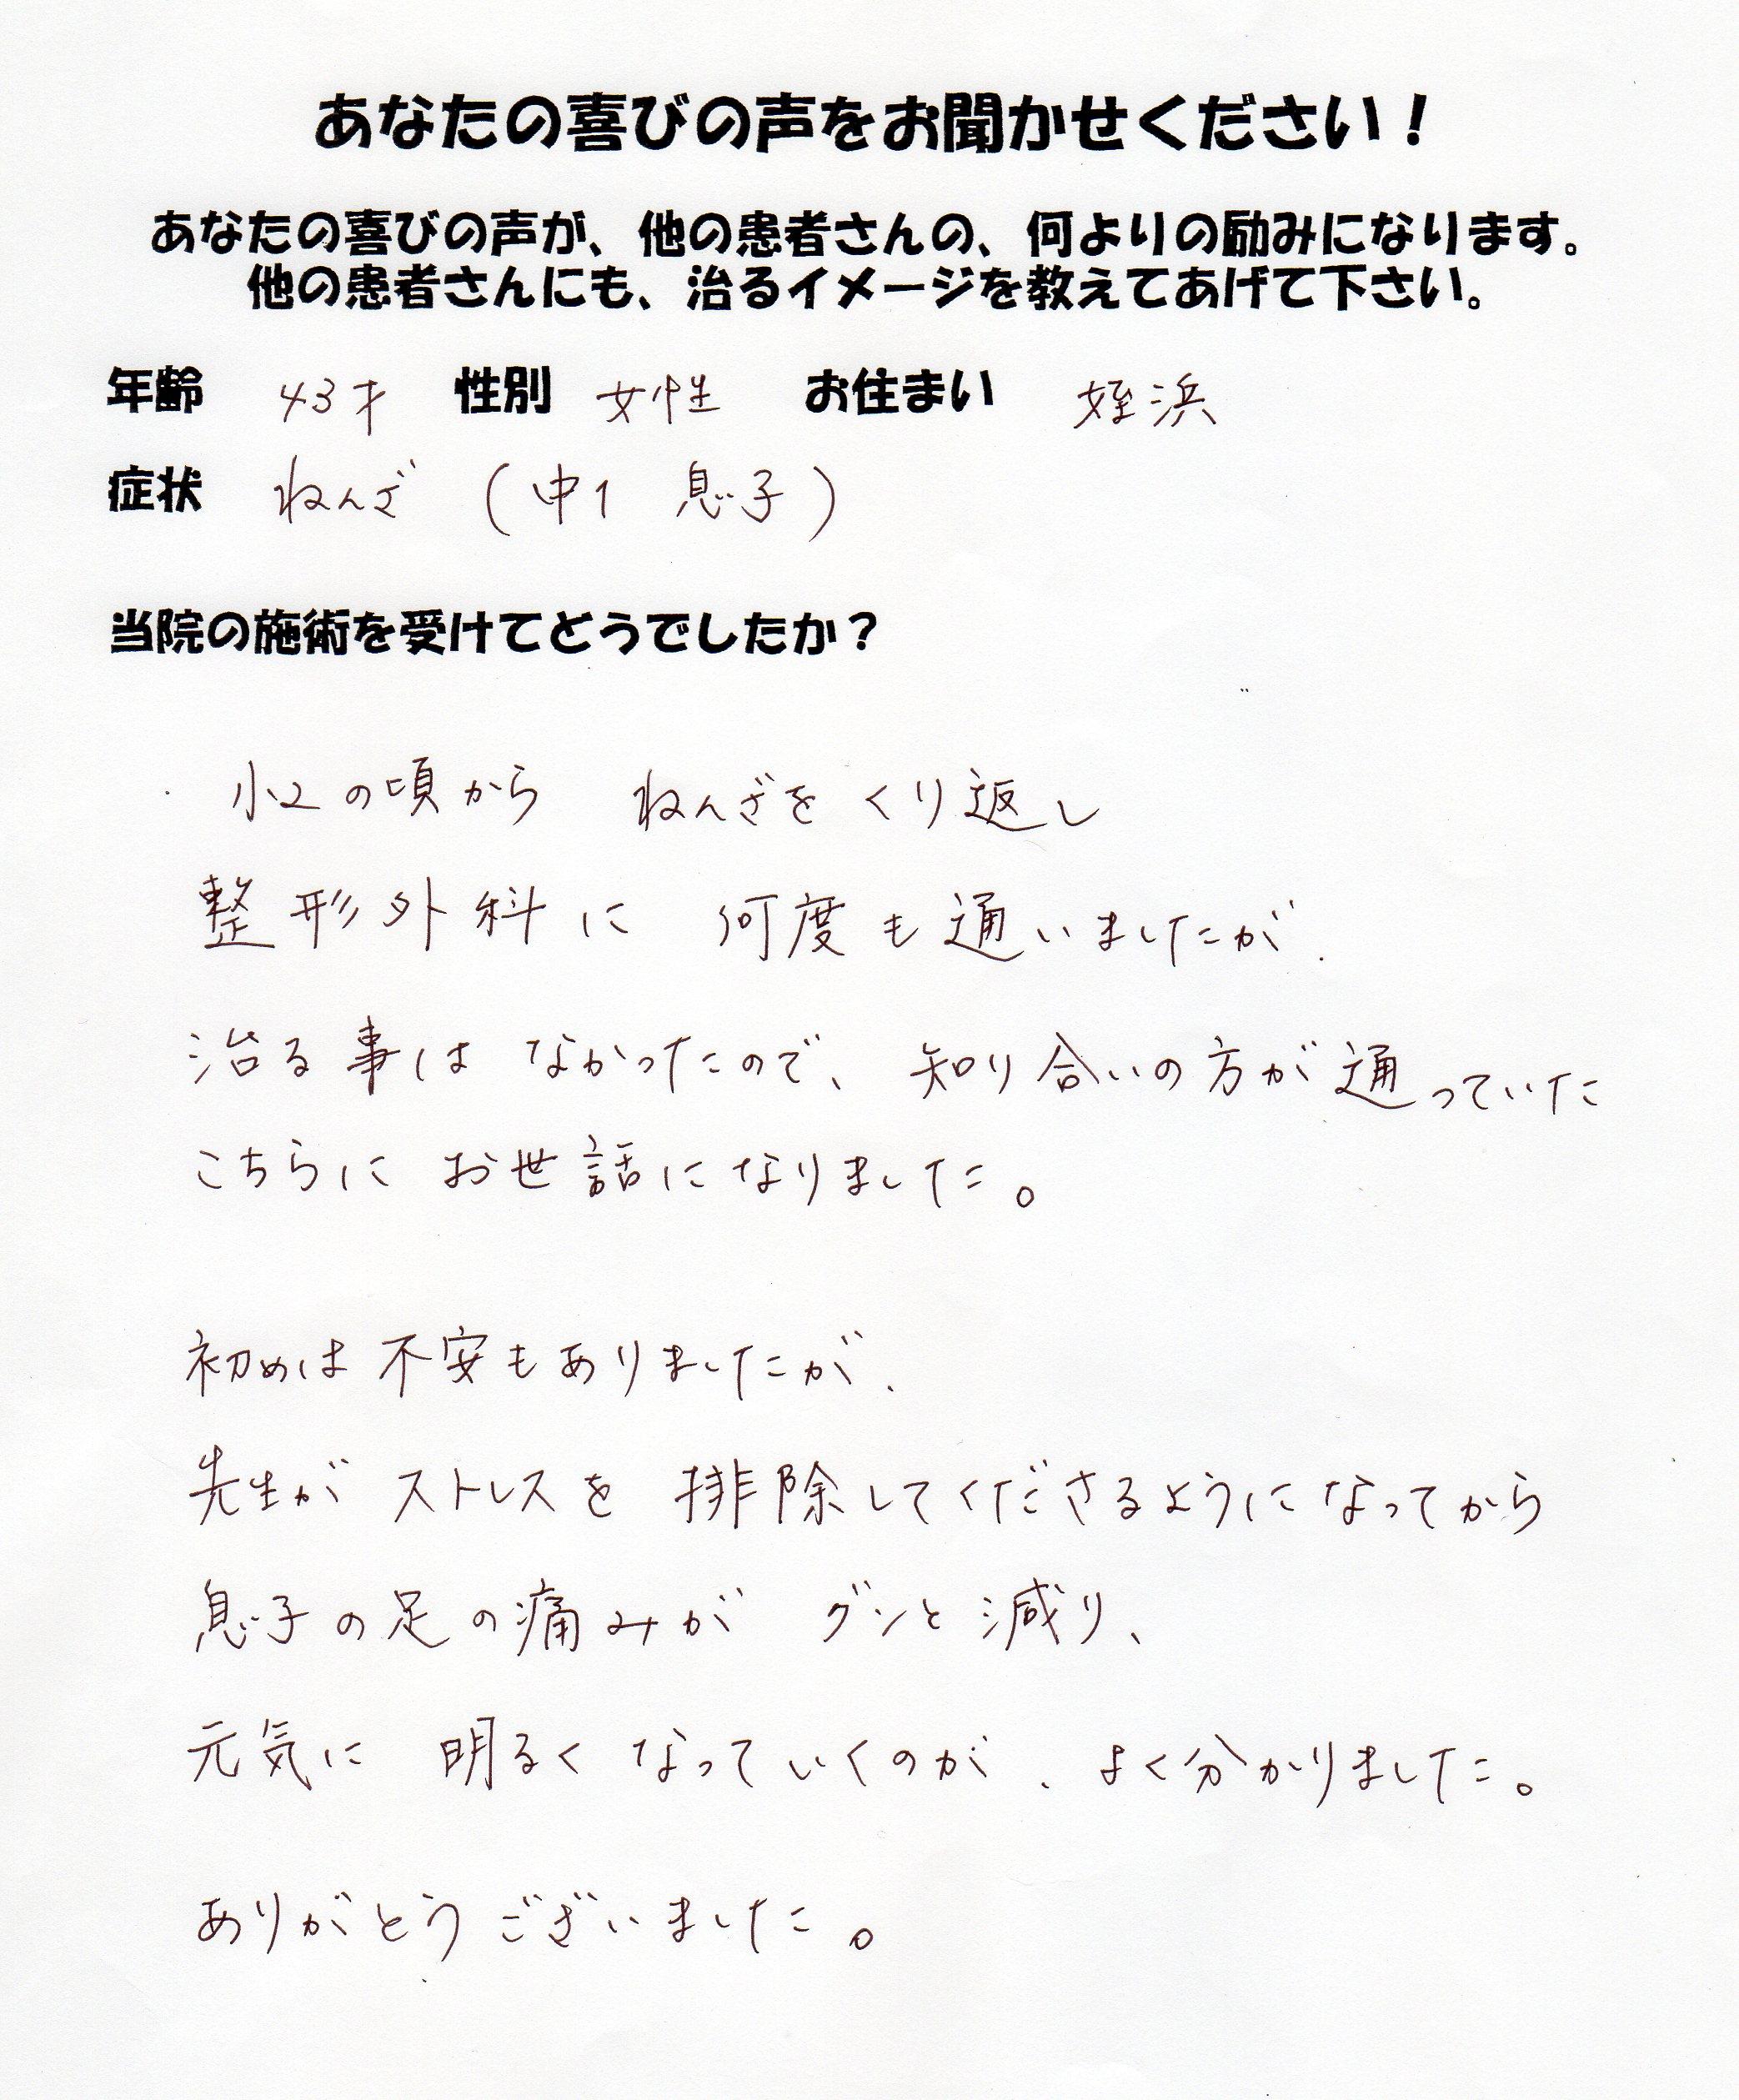 福岡市中央区、城南区、早良区の人気ランキングで女性に口コミおすすめは福岡腰痛整体、福岡坐骨神経痛整体